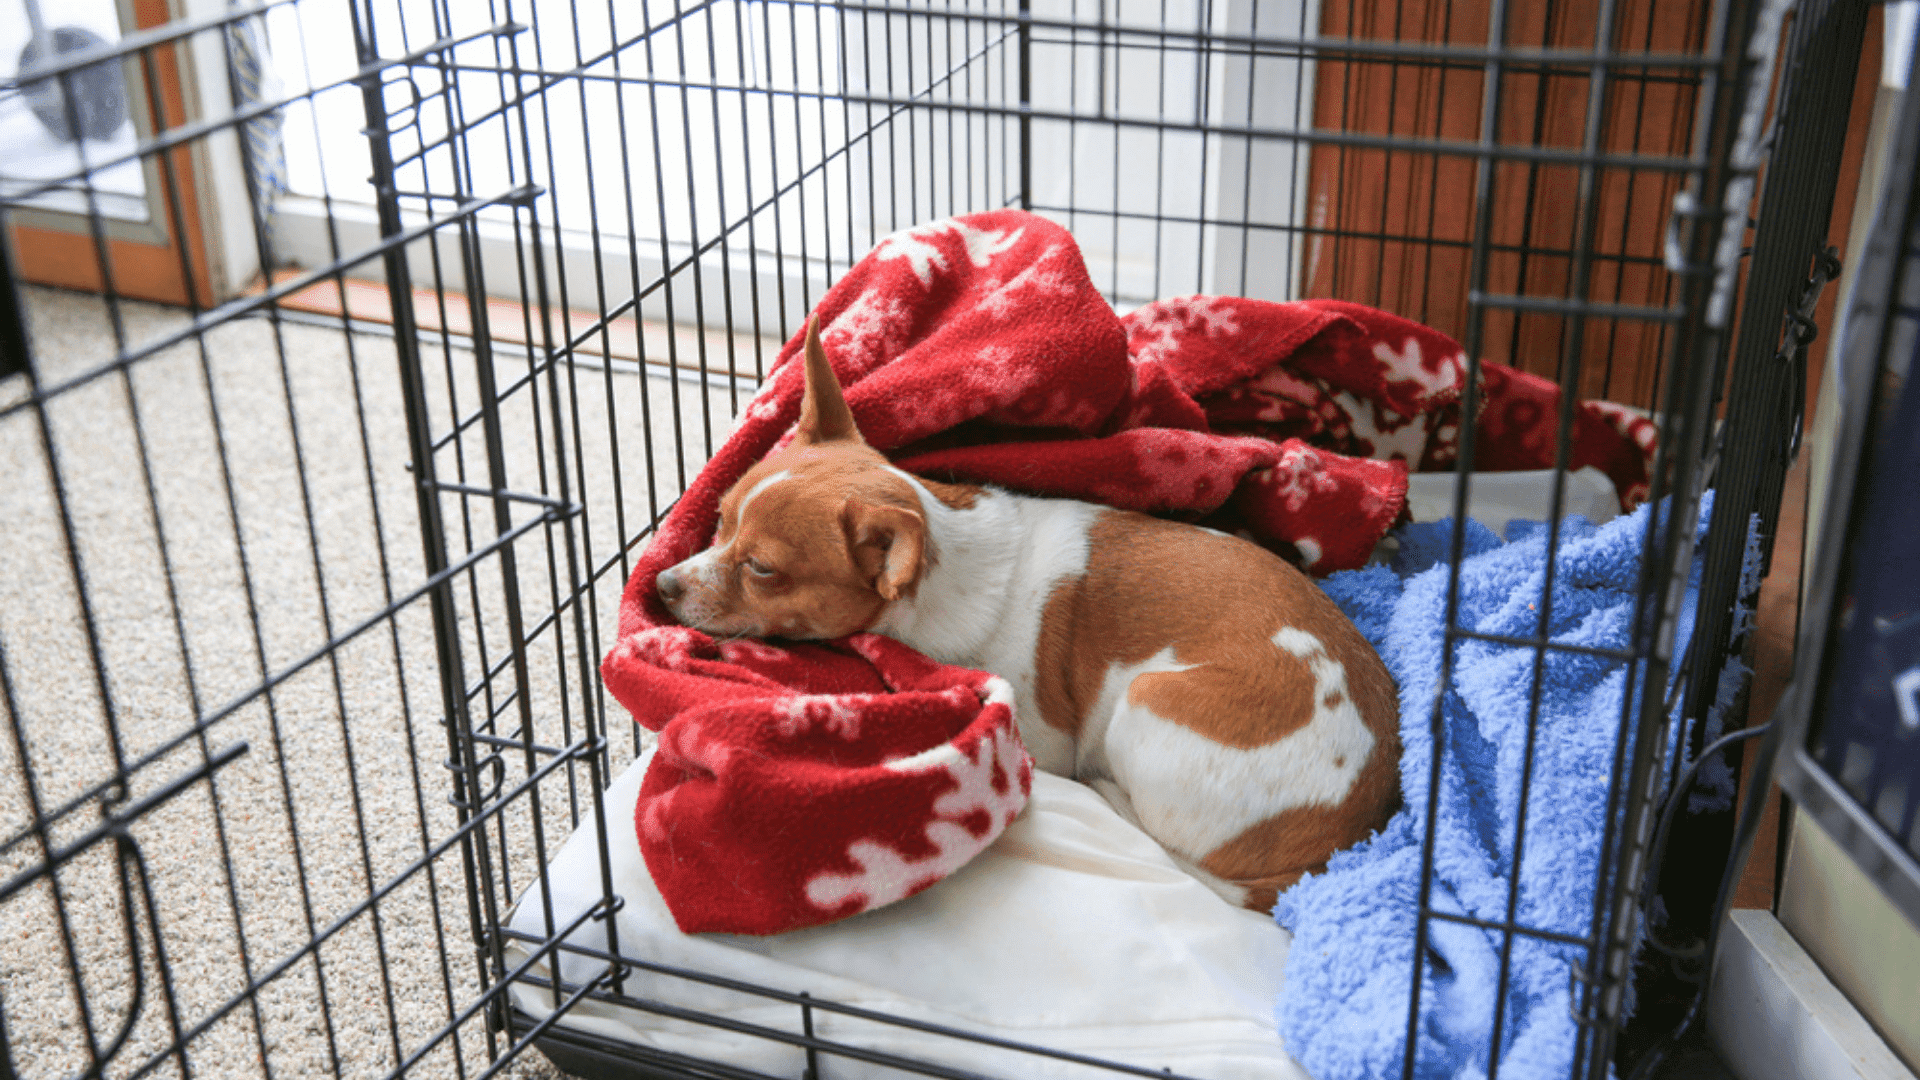 O cercado para cachorro pequeno apresenta formato de berçário (Imagem: Reprodução/Shutterstock)